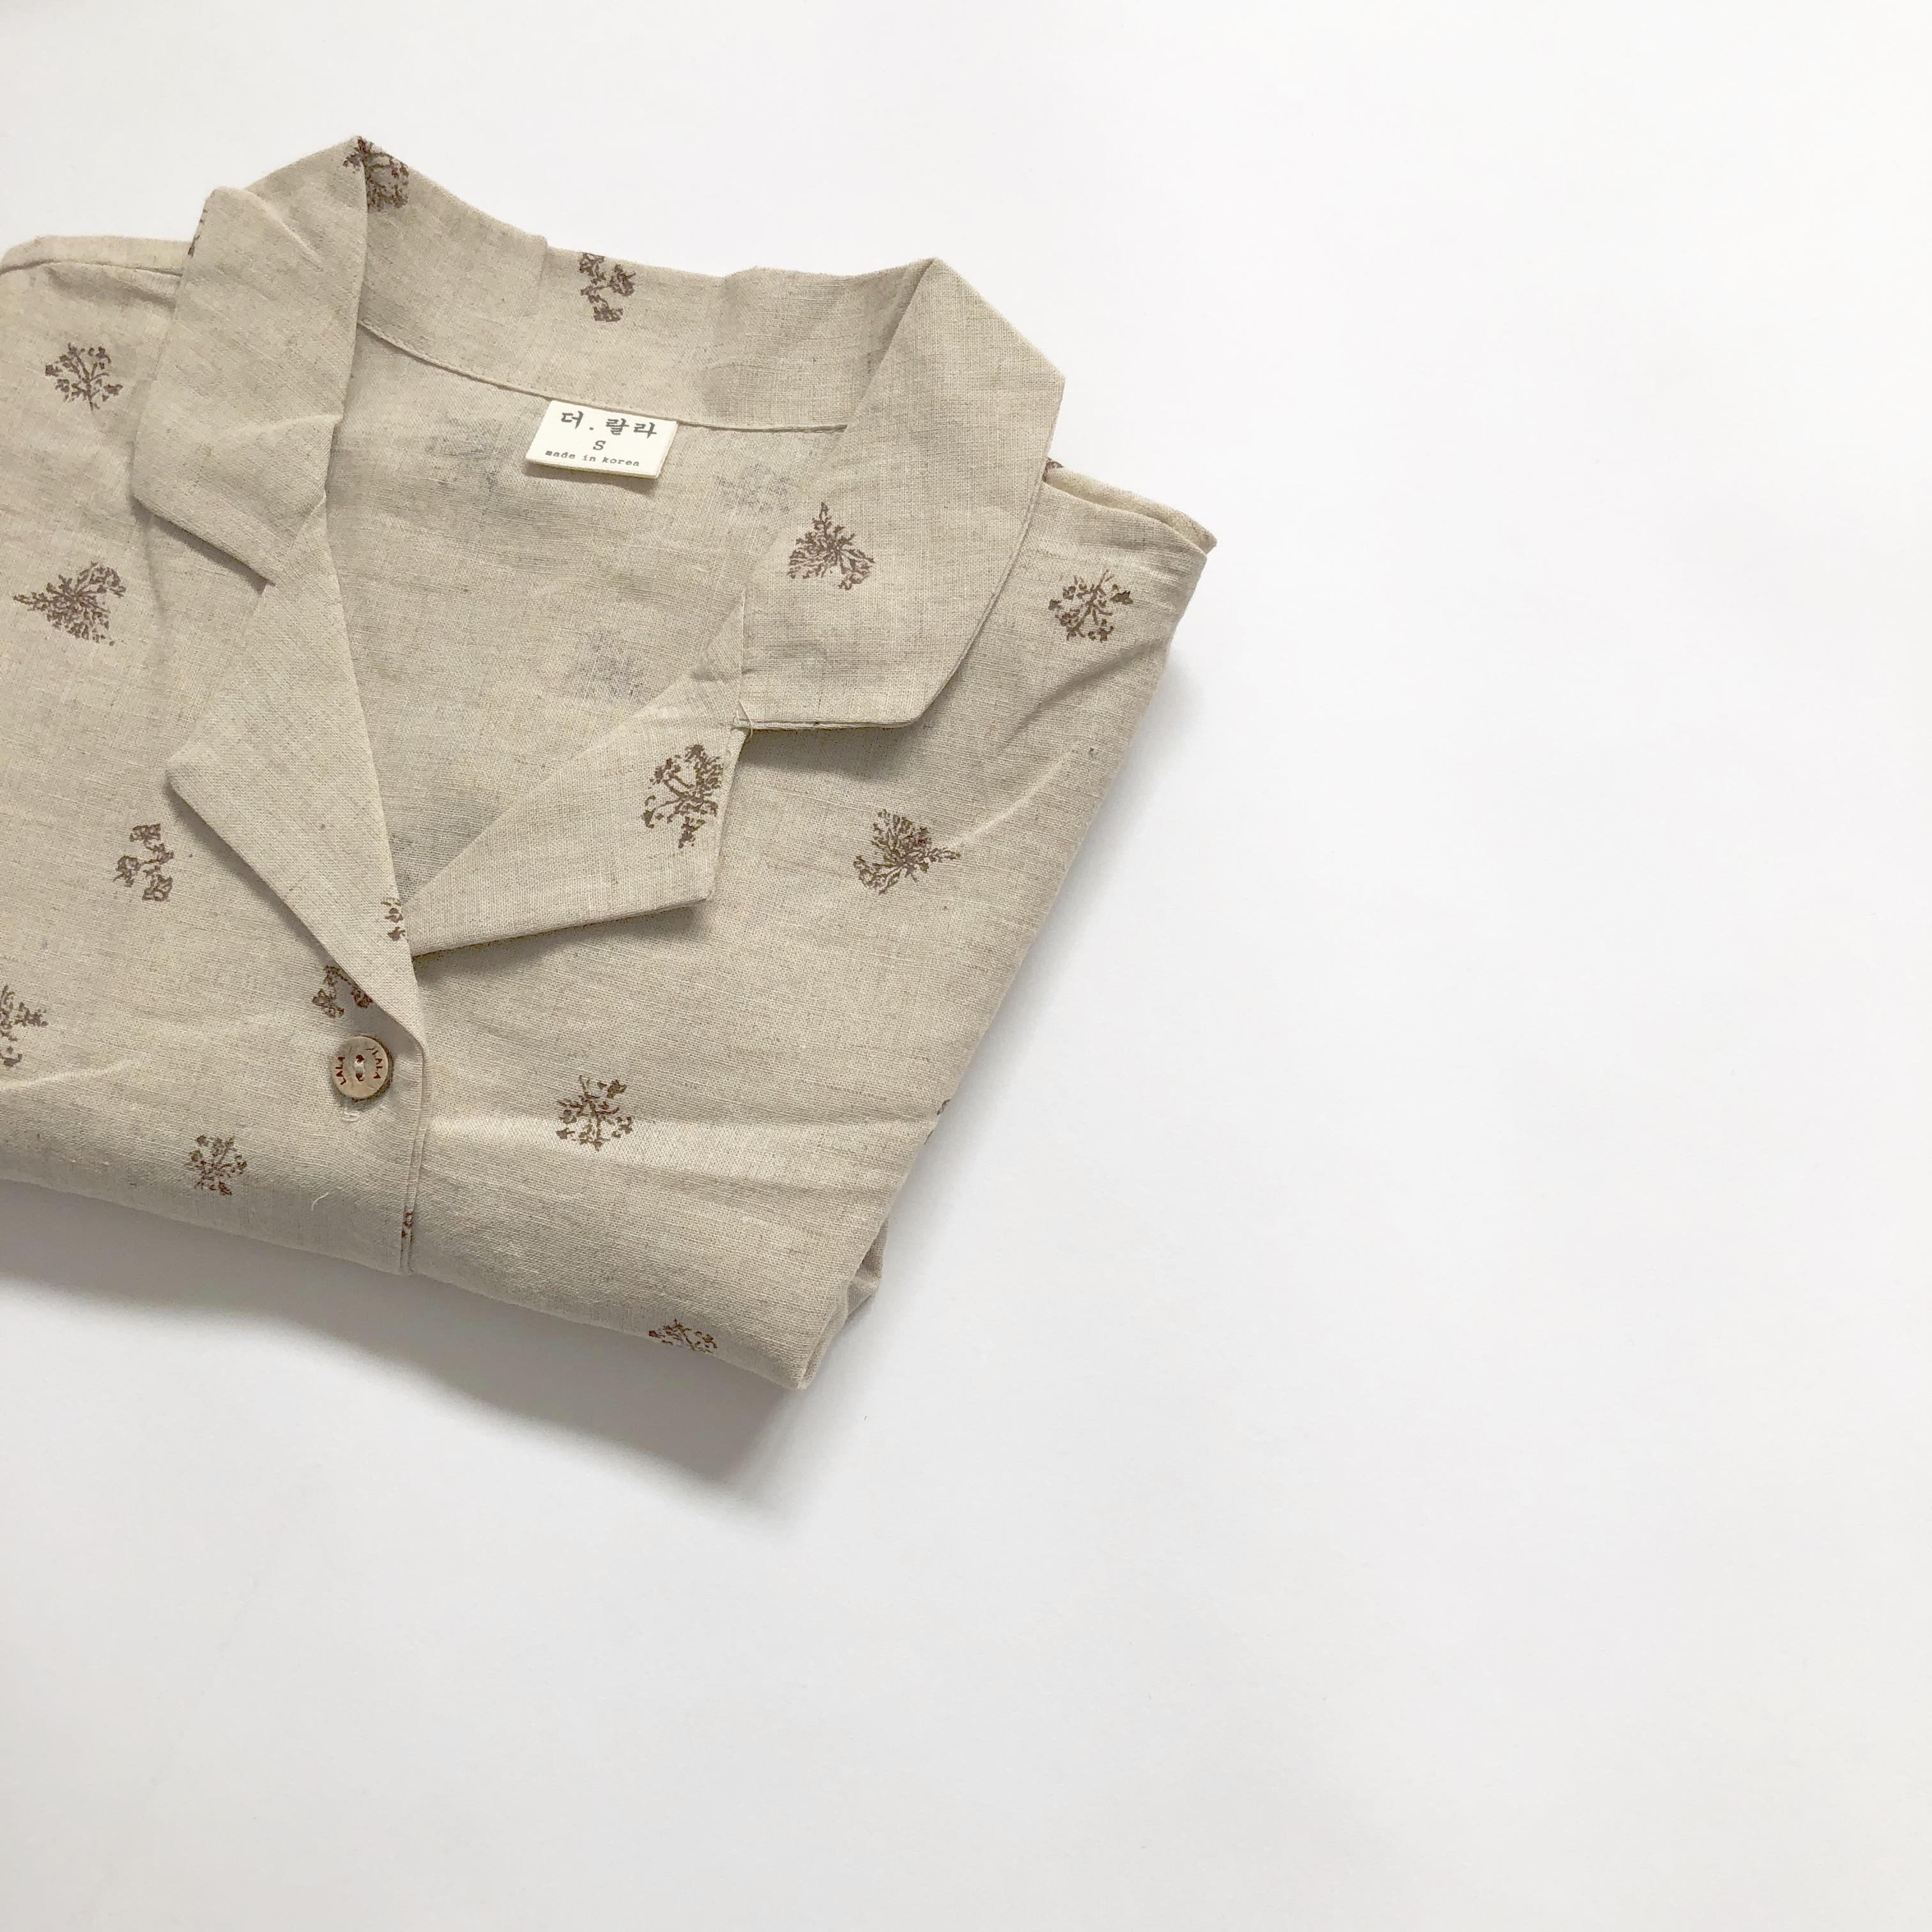 〈 207 〉Allium shirt